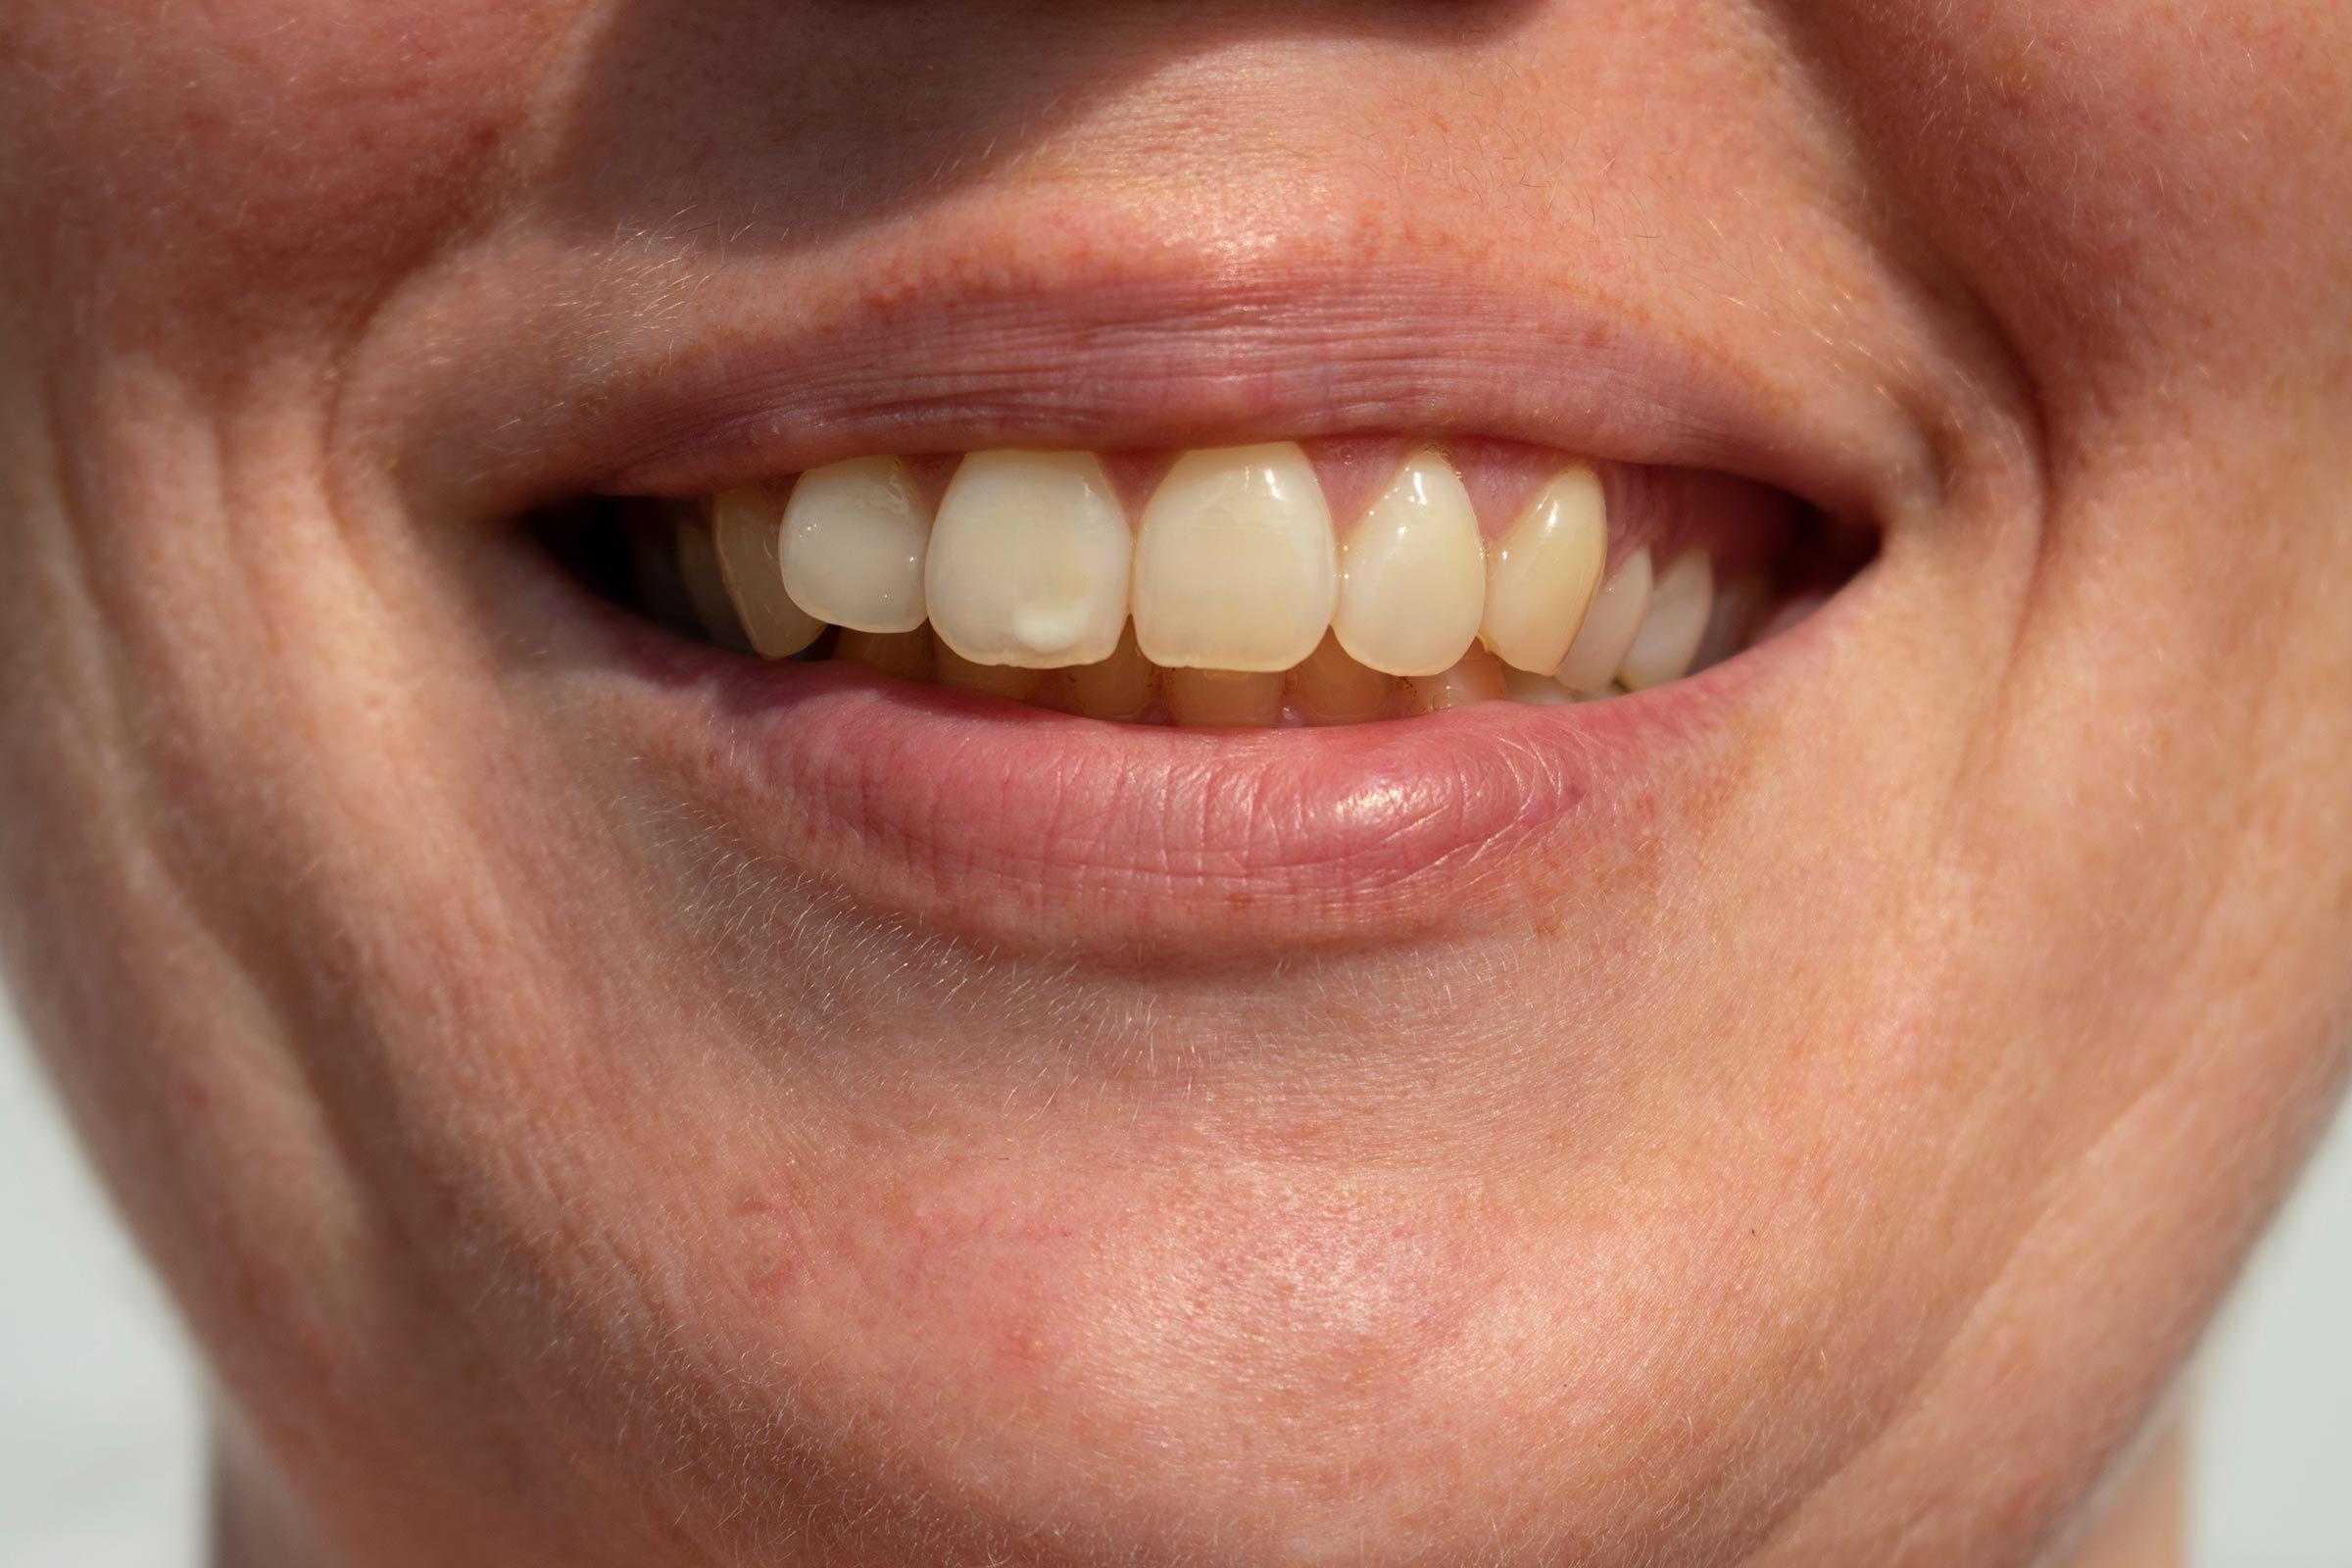 teeth spots